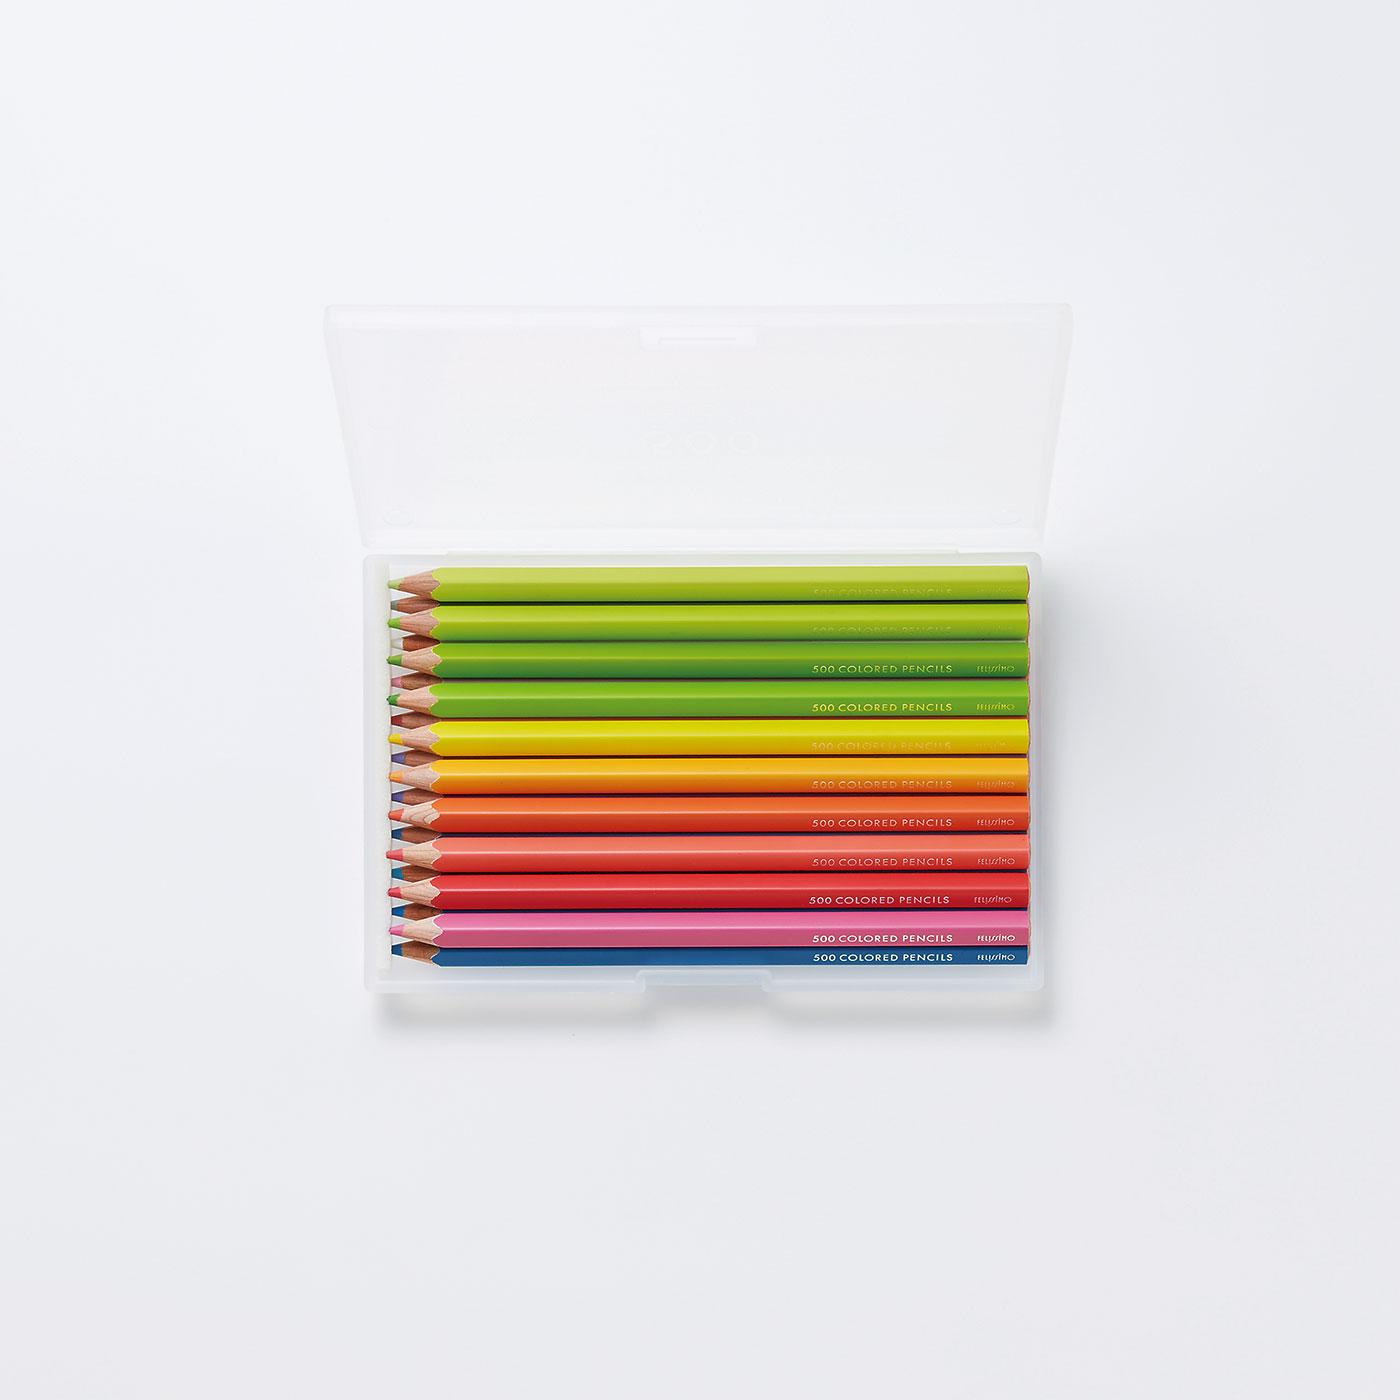 1セットはテーマによって選定された20色を透明ケースに入れてお届け。